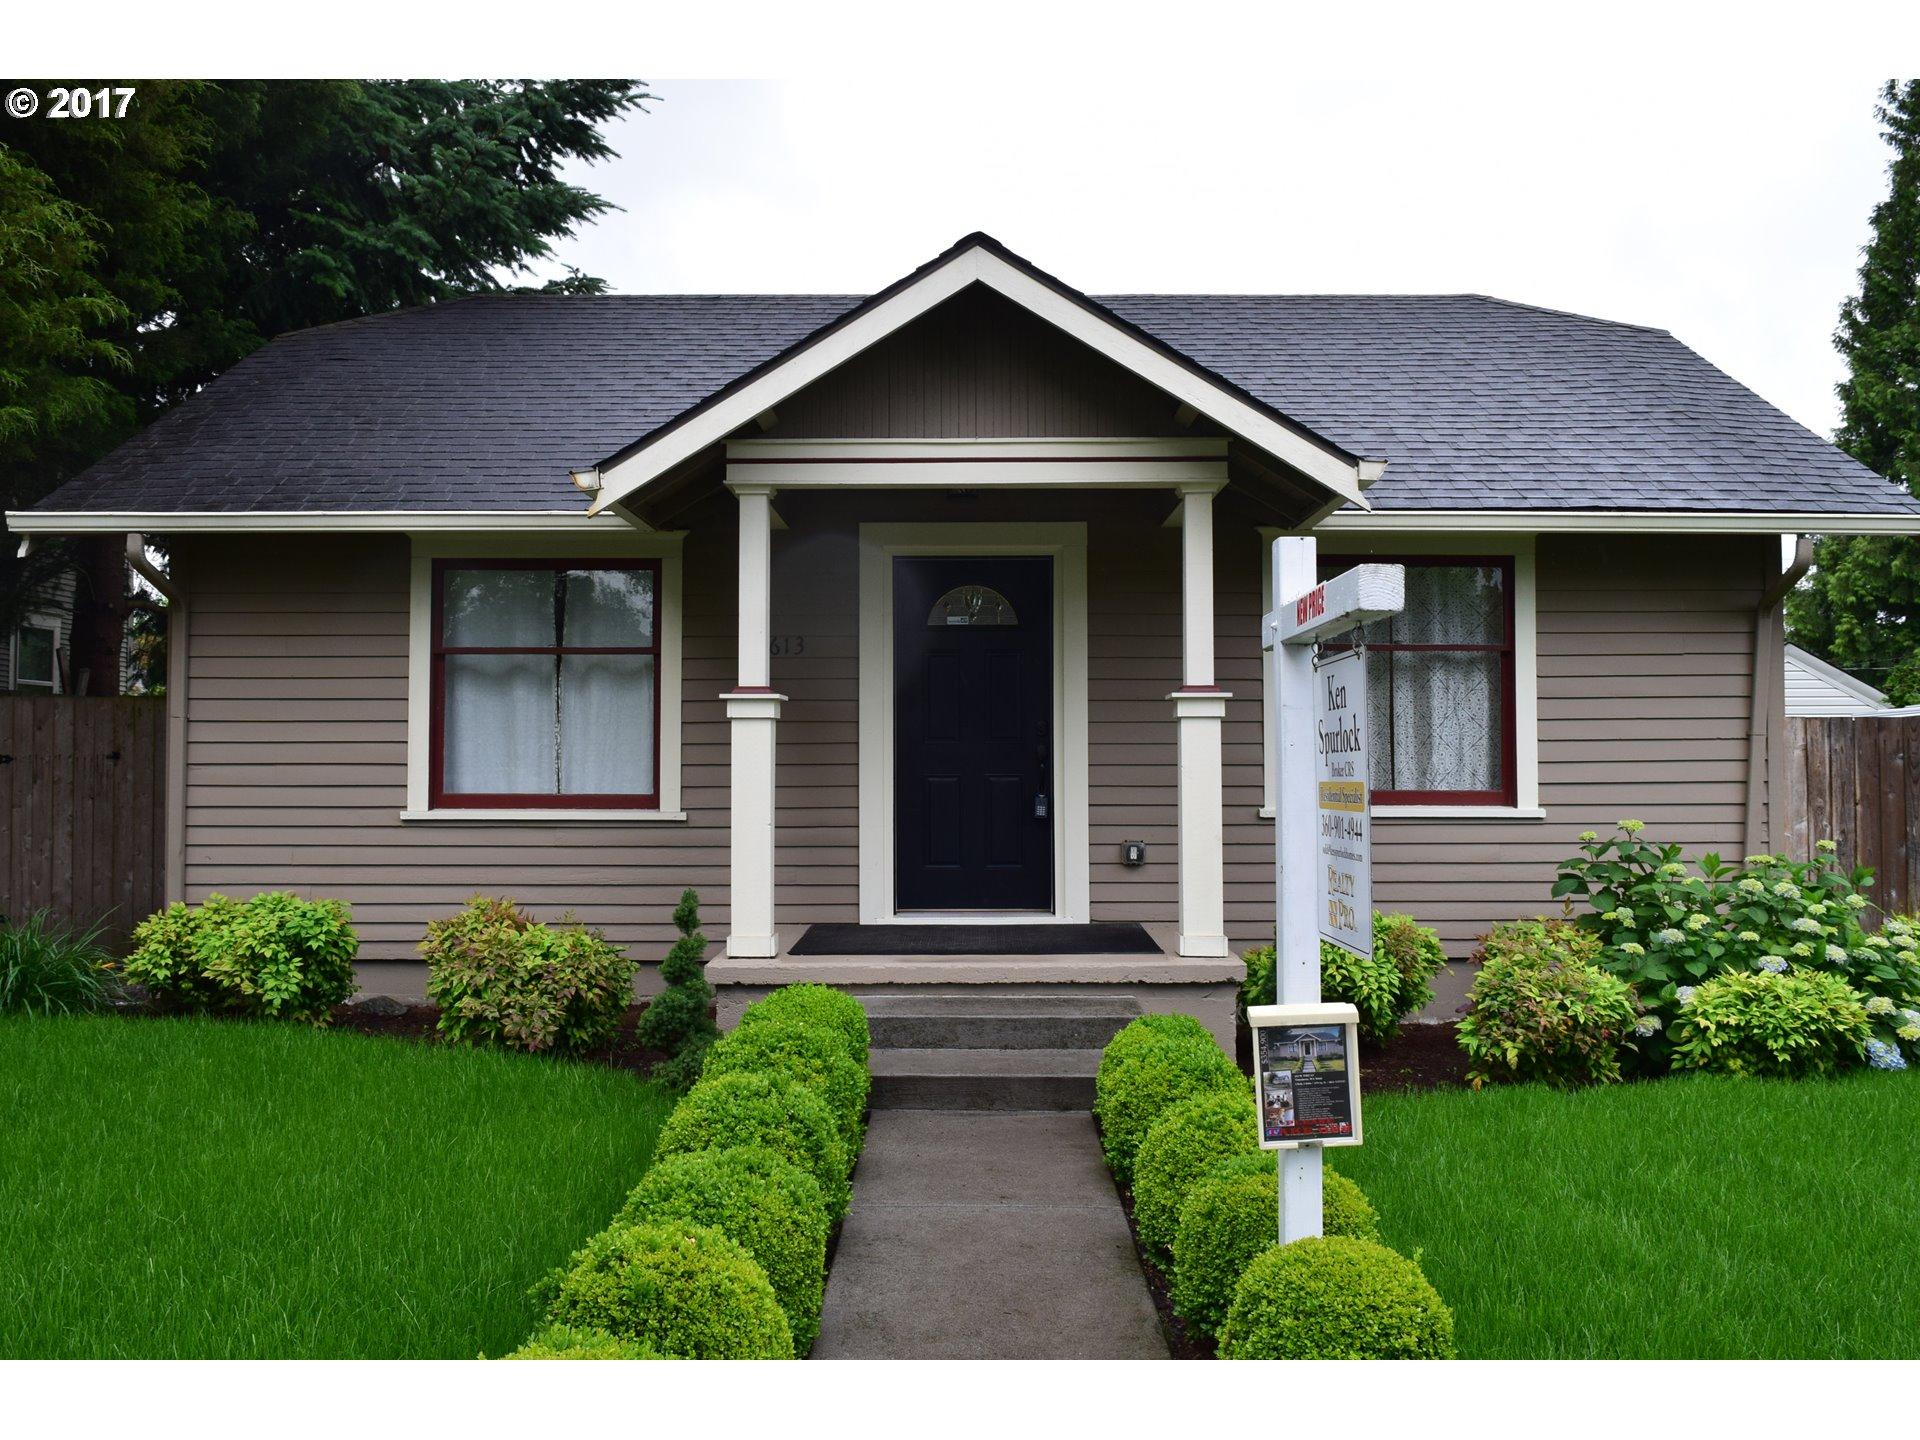 613 W 33RD ST, Vancouver, WA 98660